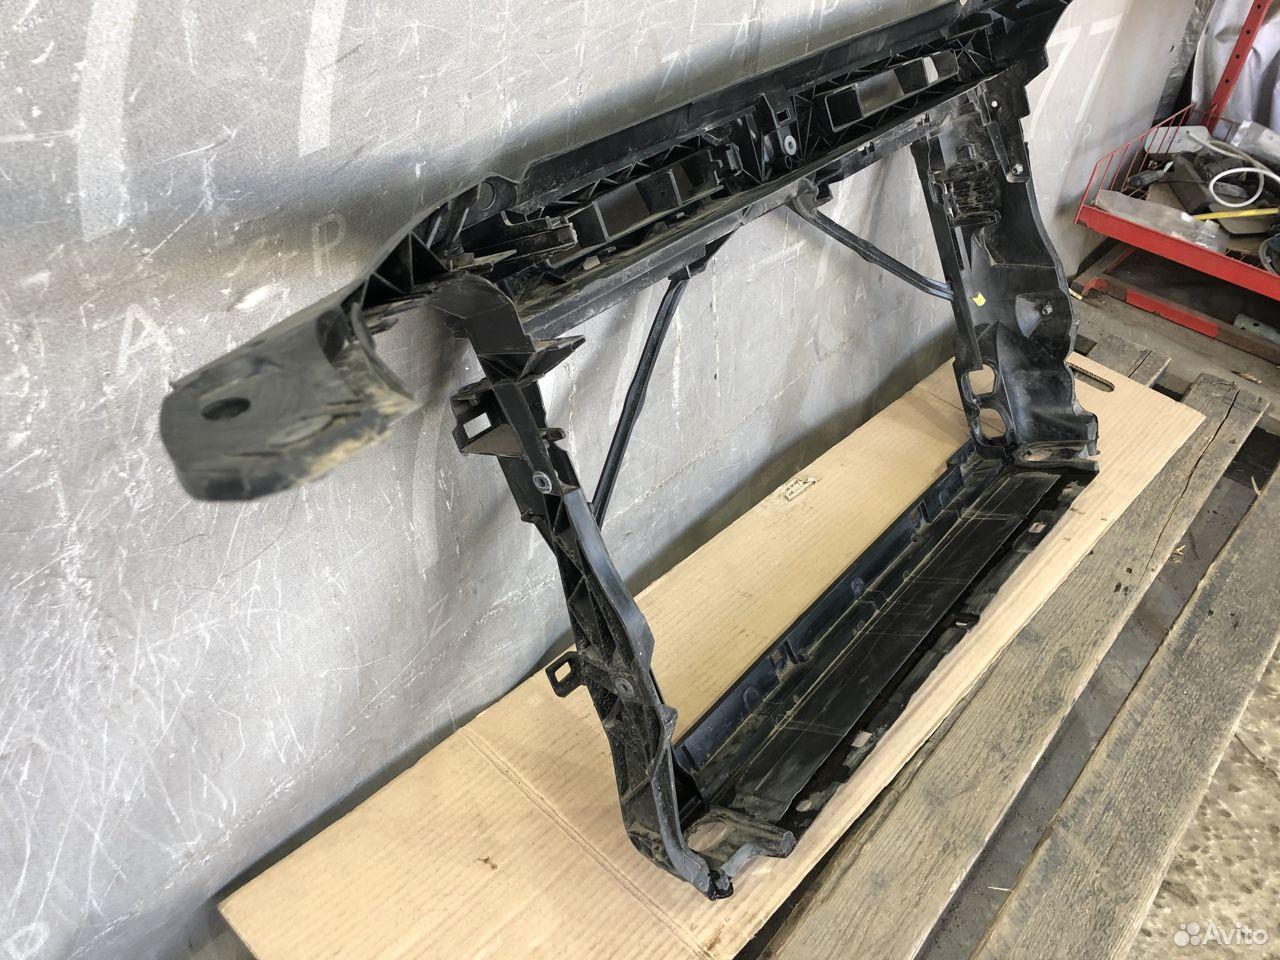 Панель передняя Skoda Octavia A7 б/у оригинал  89257556682 купить 5